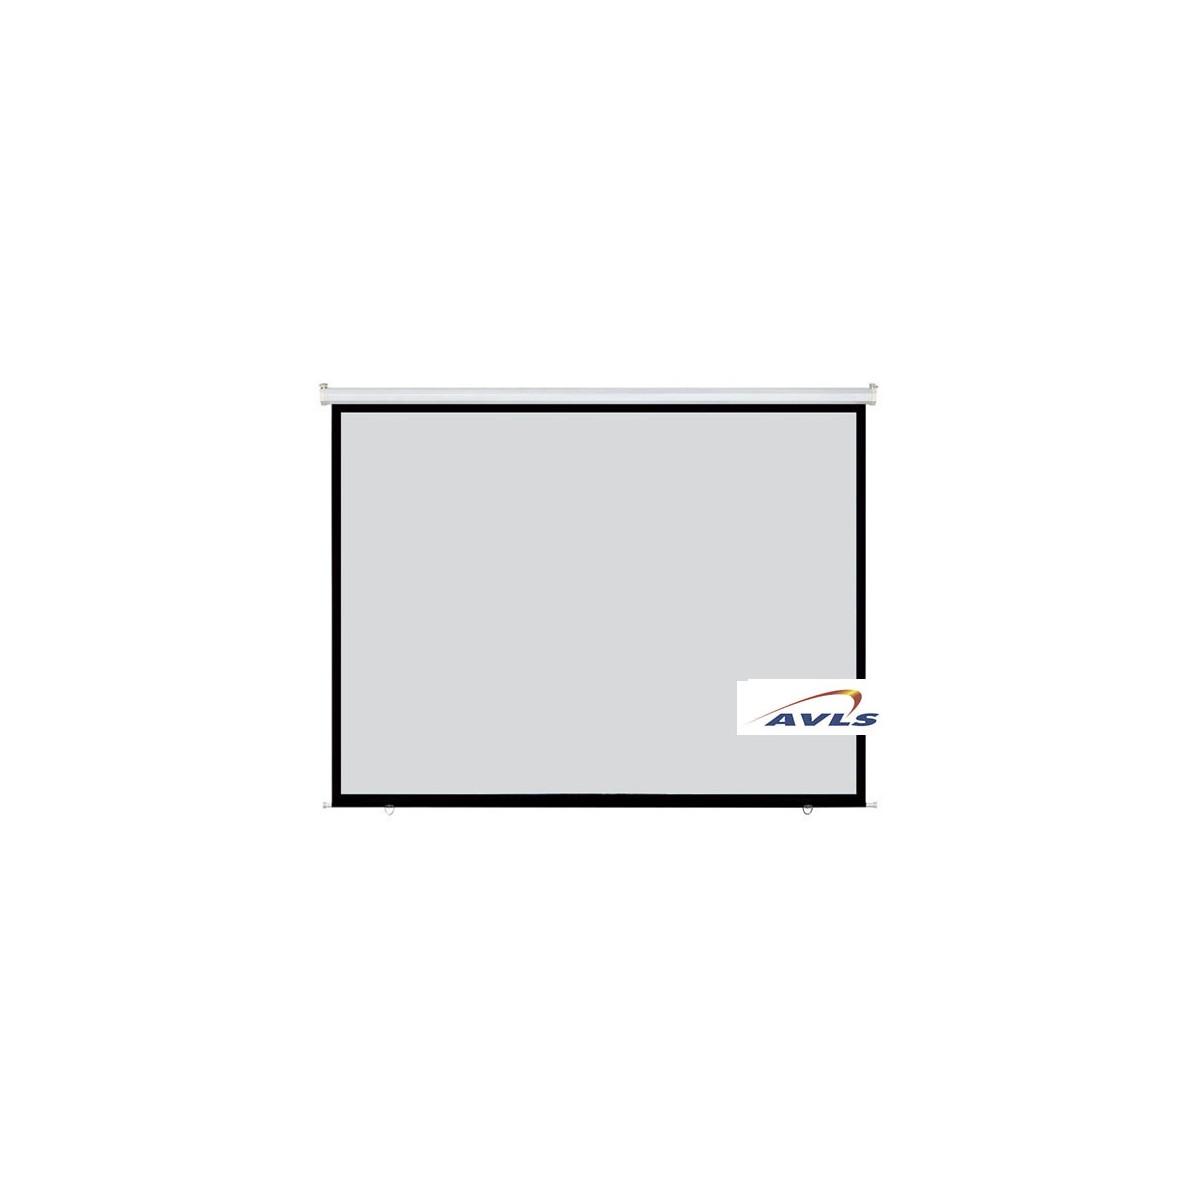 ecran videoprojecteur electrique paris. Black Bedroom Furniture Sets. Home Design Ideas